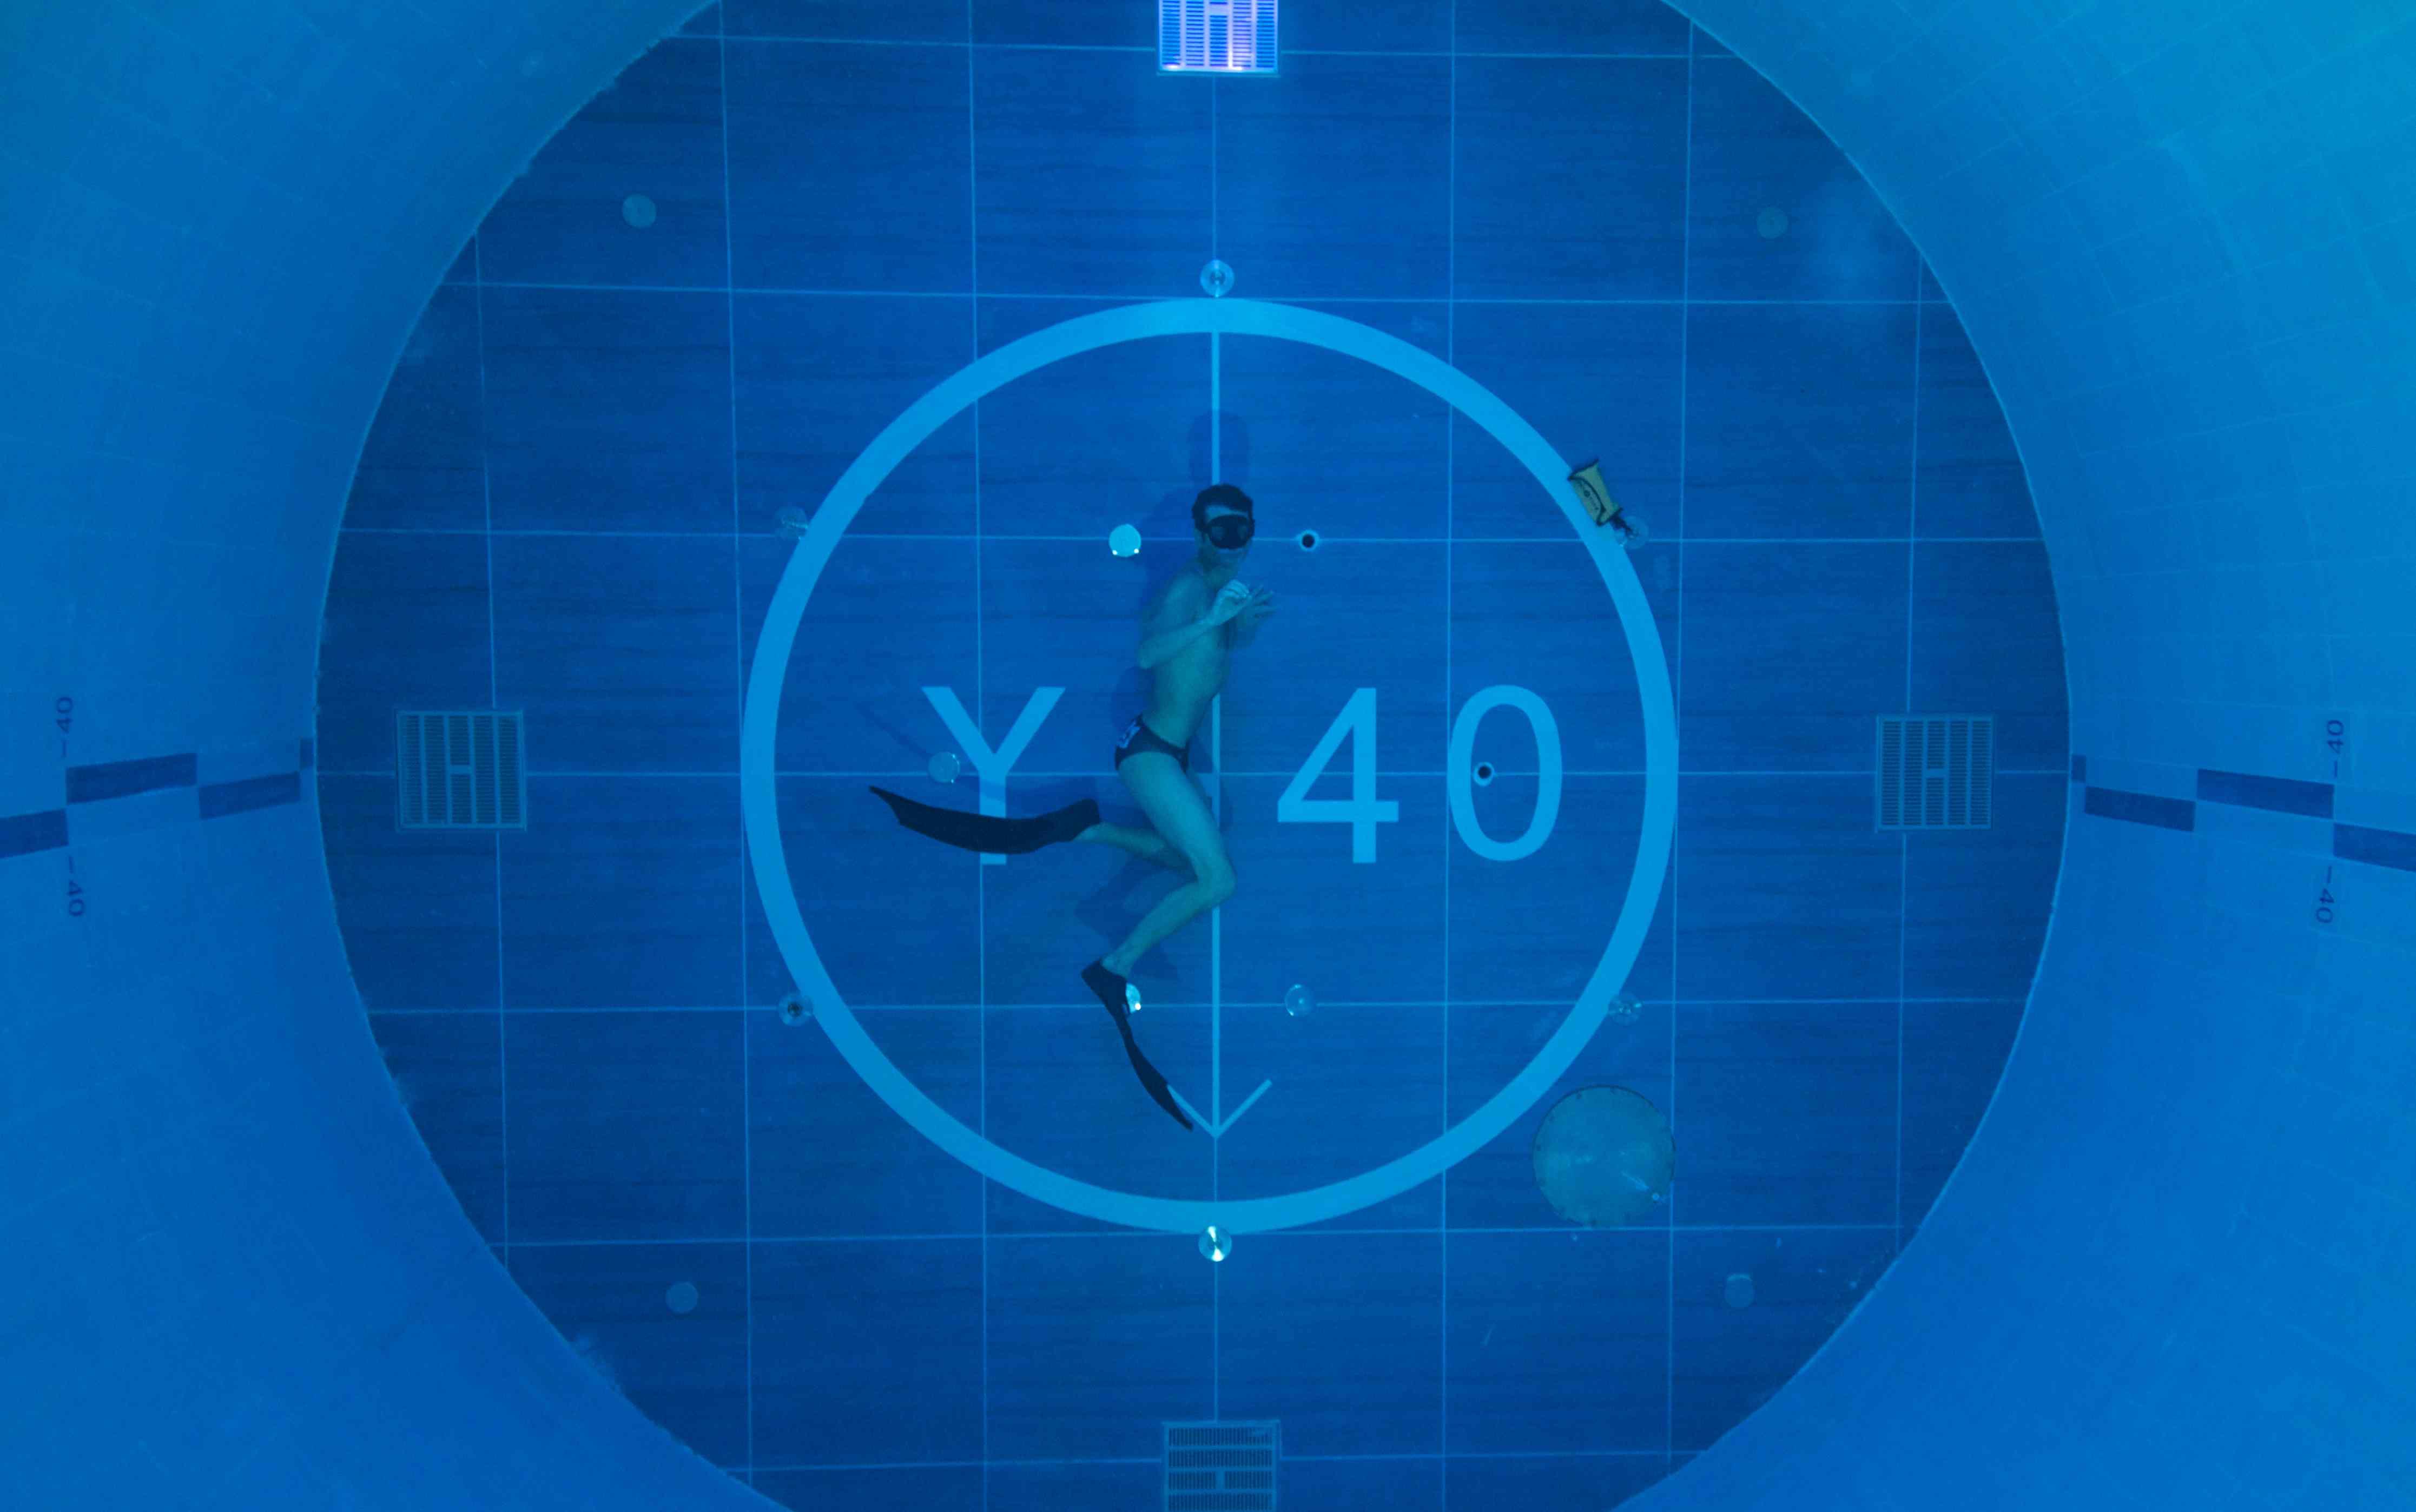 Y40 la piscina pi profonda del mondo  italiana  Wired